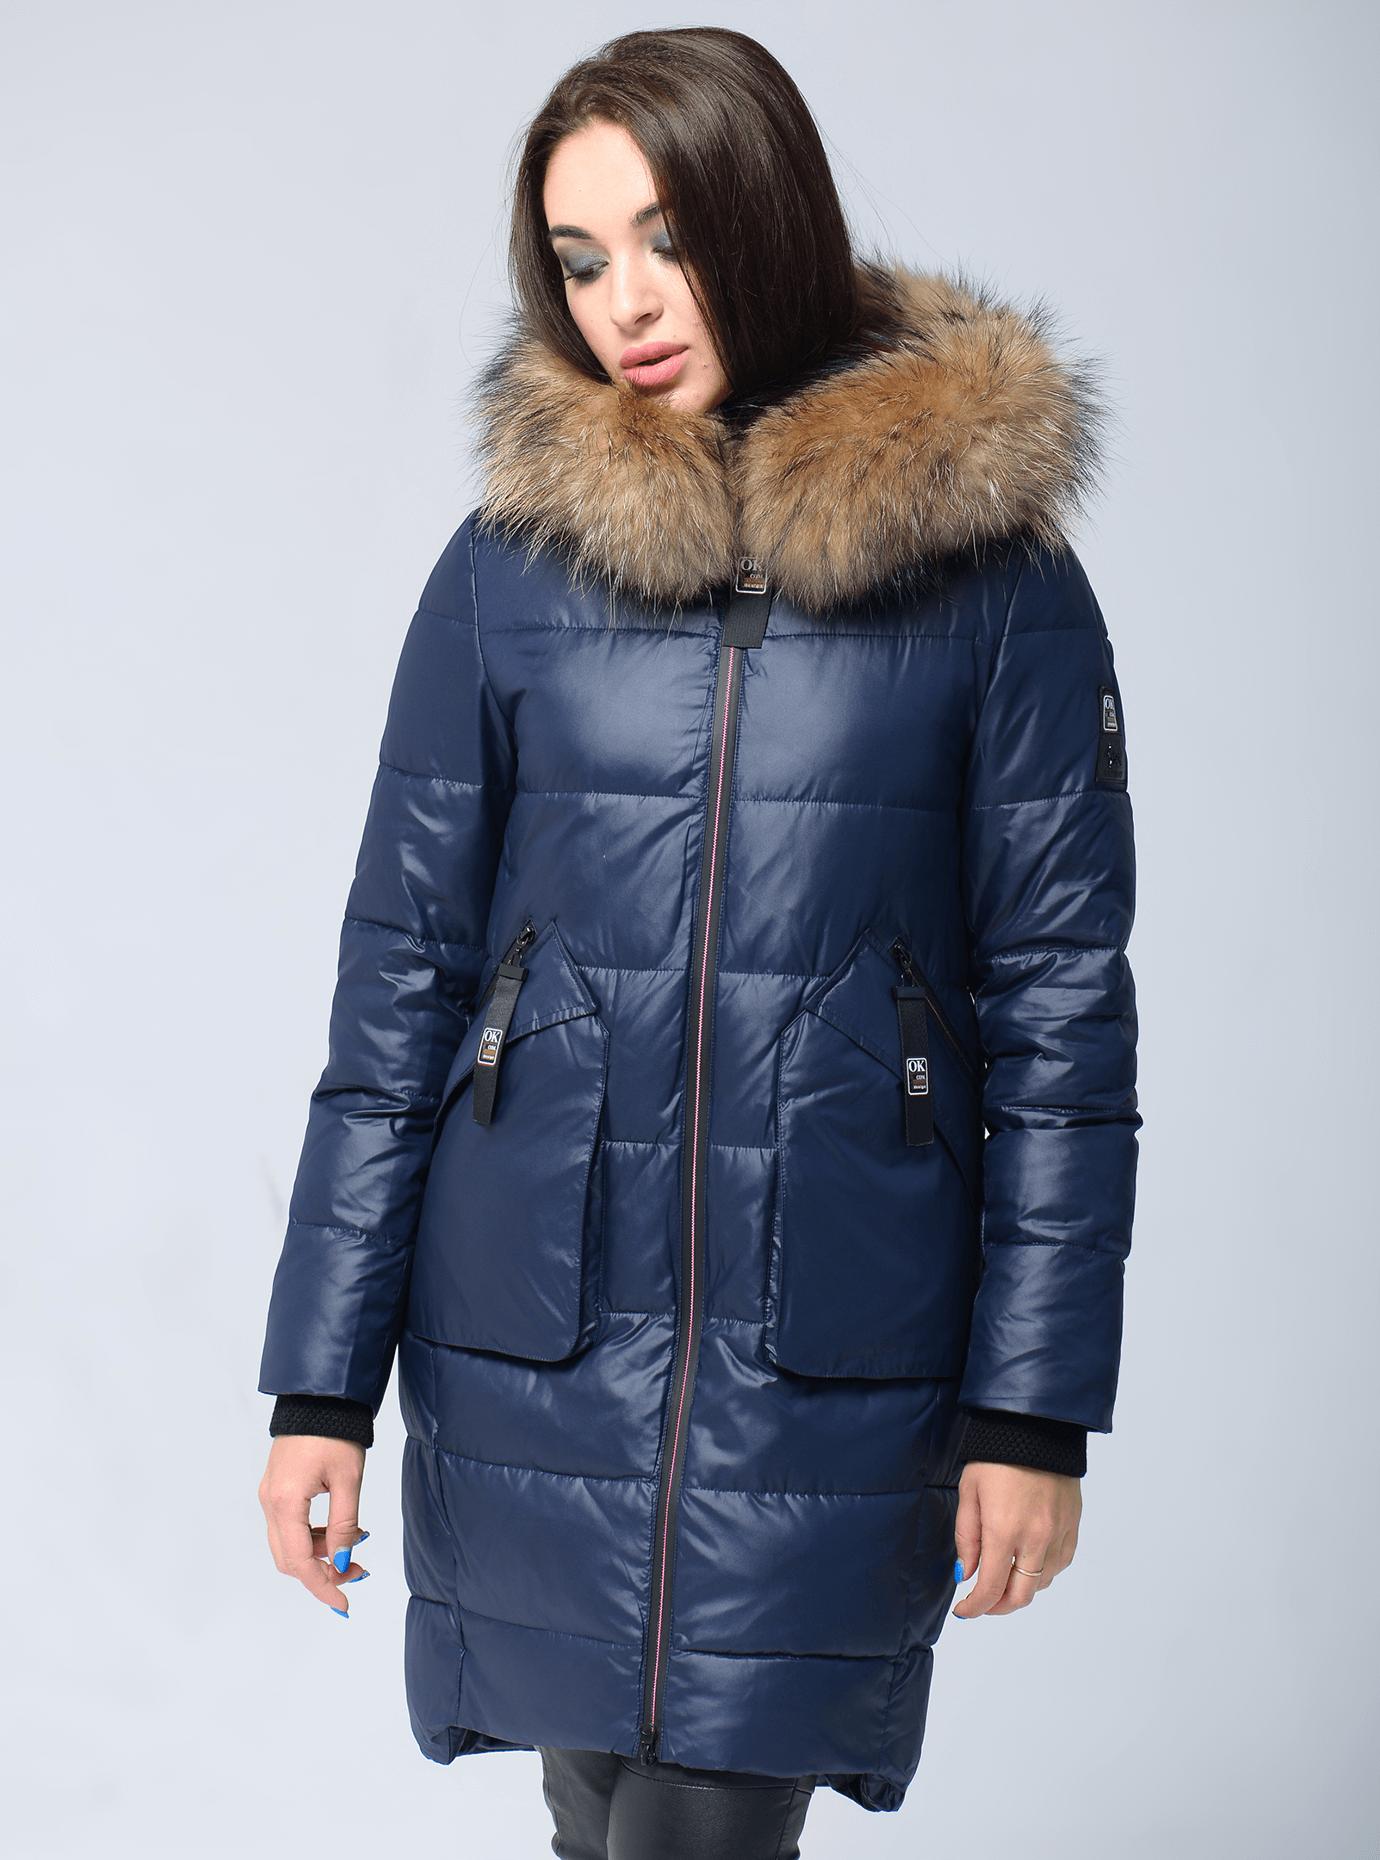 Куртка зимняя прямая с мехом енота Синий S (05-V191276): фото - Alster.ua